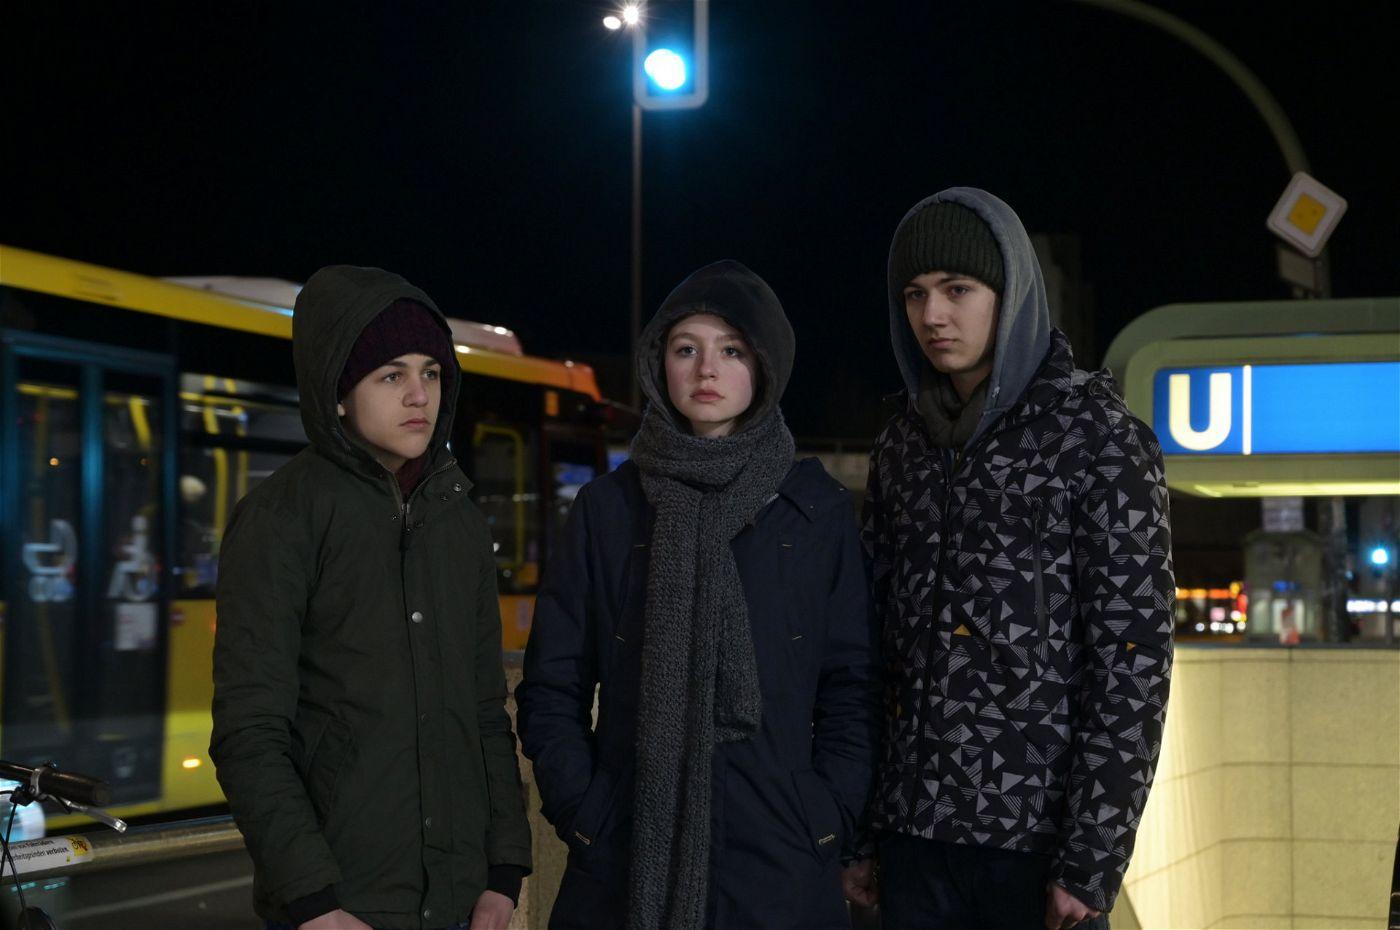 Die Teenager Jakob (David Ali Rashed, l.), Mira (Flora Li Thiemann) und Fabian (Lenius Jung, r.) haben gerade eine schreckliche Tat begangen. Wie werden sie und ihre Familien damit umgehen?